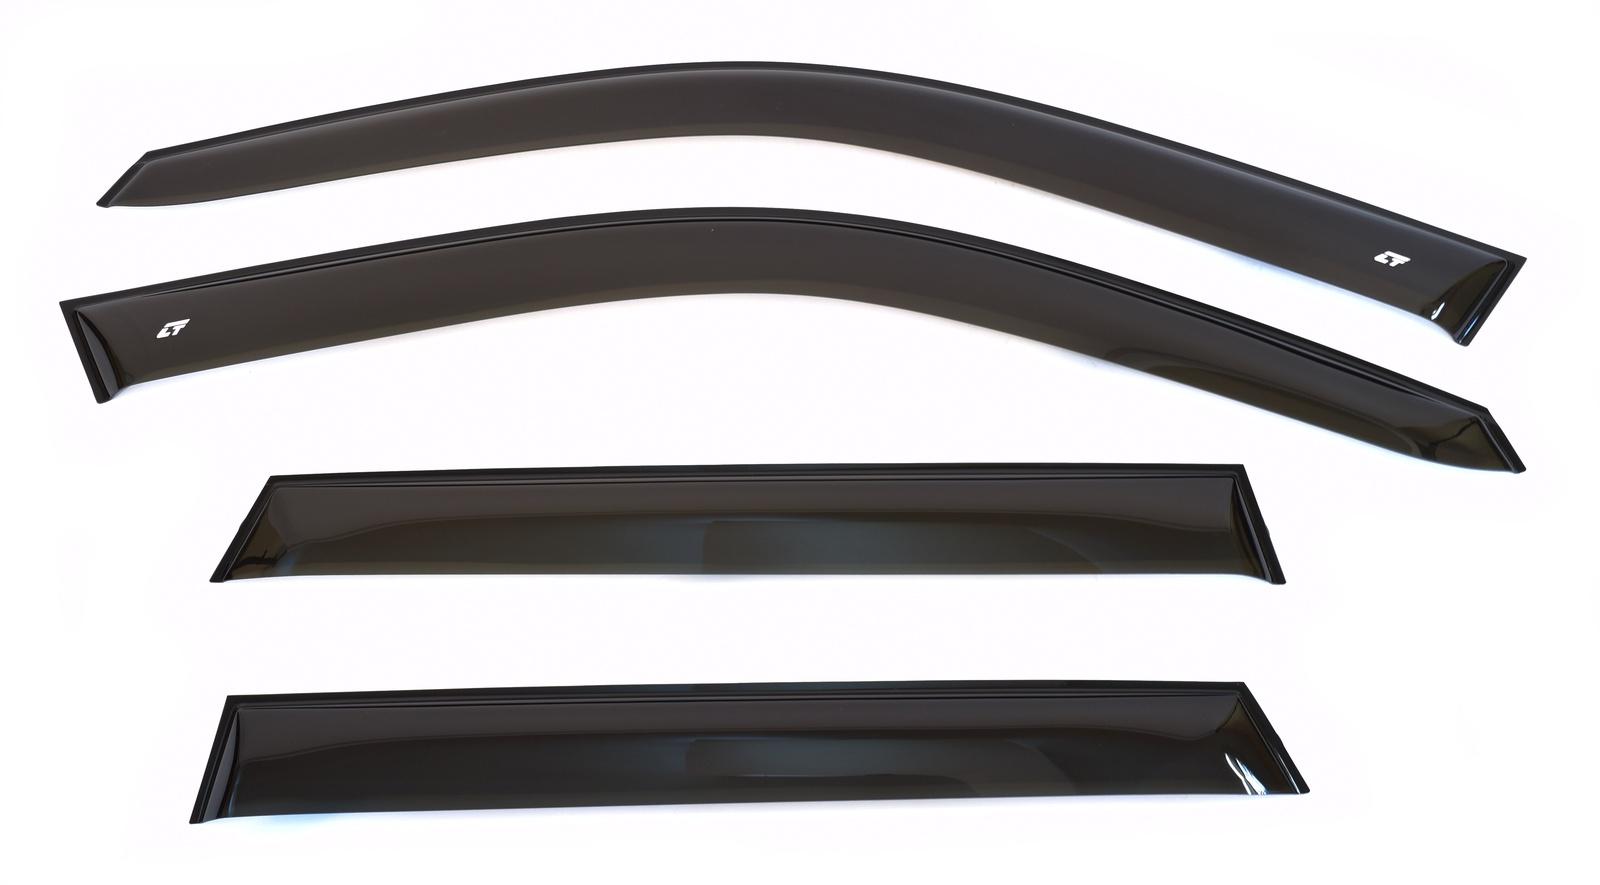 Ветровик Cobra Tuning BE20200BE20200Точное прилегание Не трескаются на морозе Ударостойкие Простая установка Подходит на:BMW X5 E53 2003-2006BMW X5 E53 1999-2003 Дефлекторы Cobra Tuning изготавливаются с применением 3D-моделирования - повторяют форму кузова автомобиля. Они изготавливаются из акрила - устойчивы к перепадам температур и морозу.